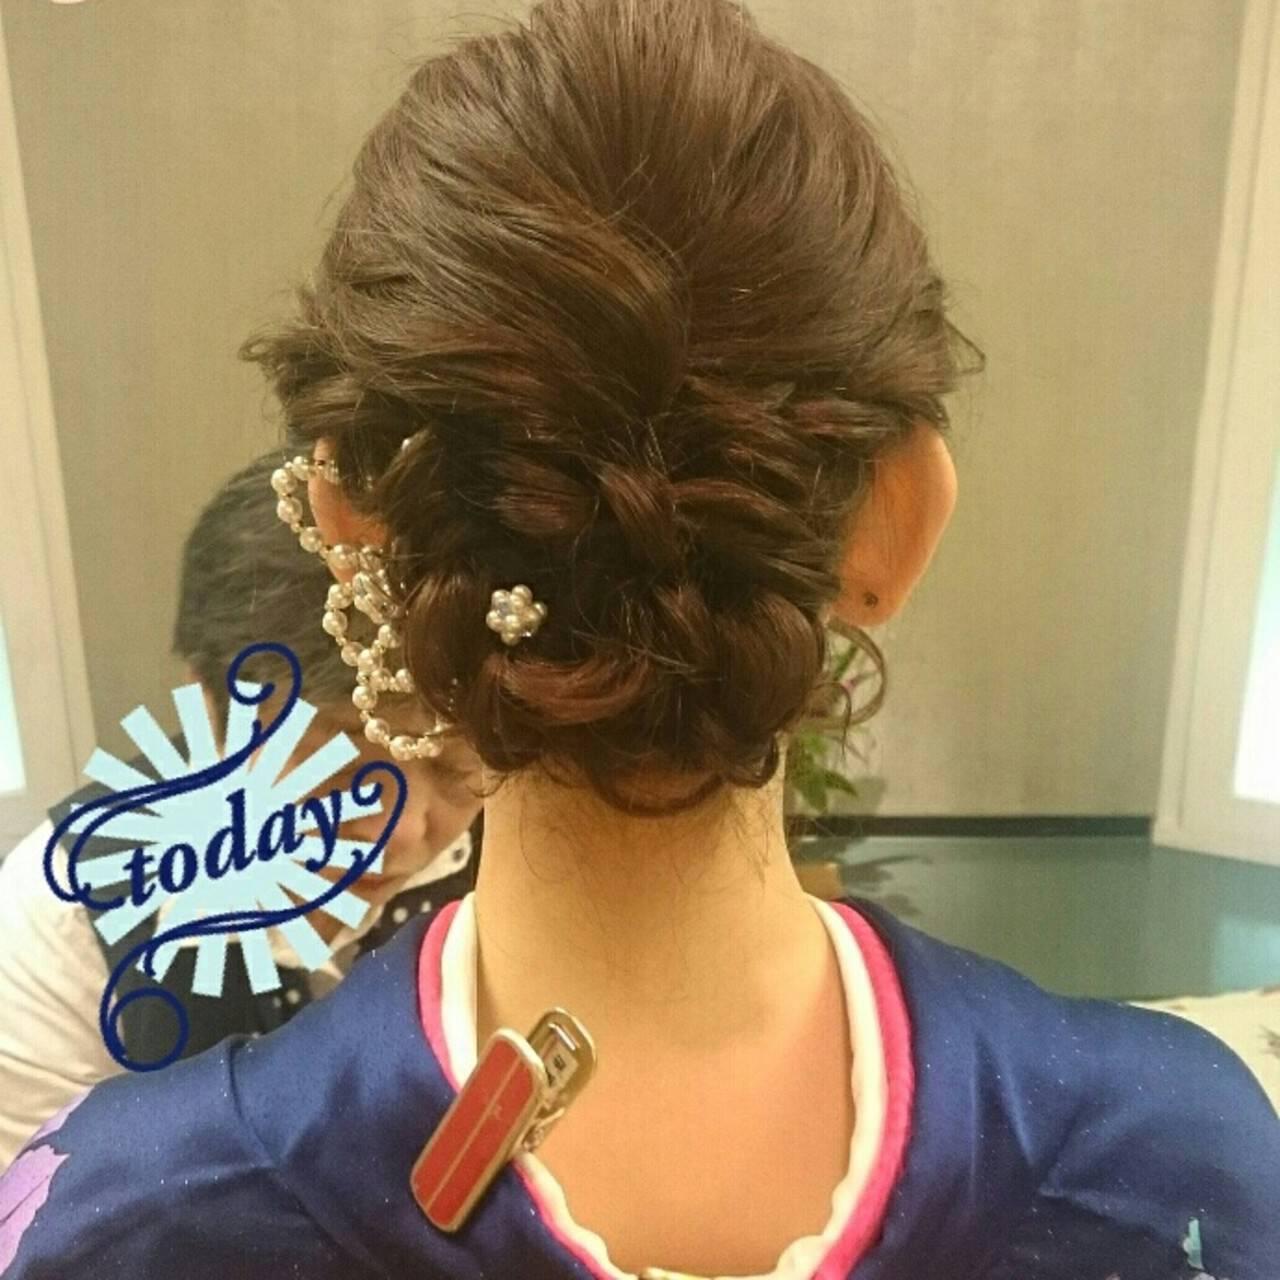 ミディアム 結婚式 着物 ブライダルヘアスタイルや髪型の写真・画像